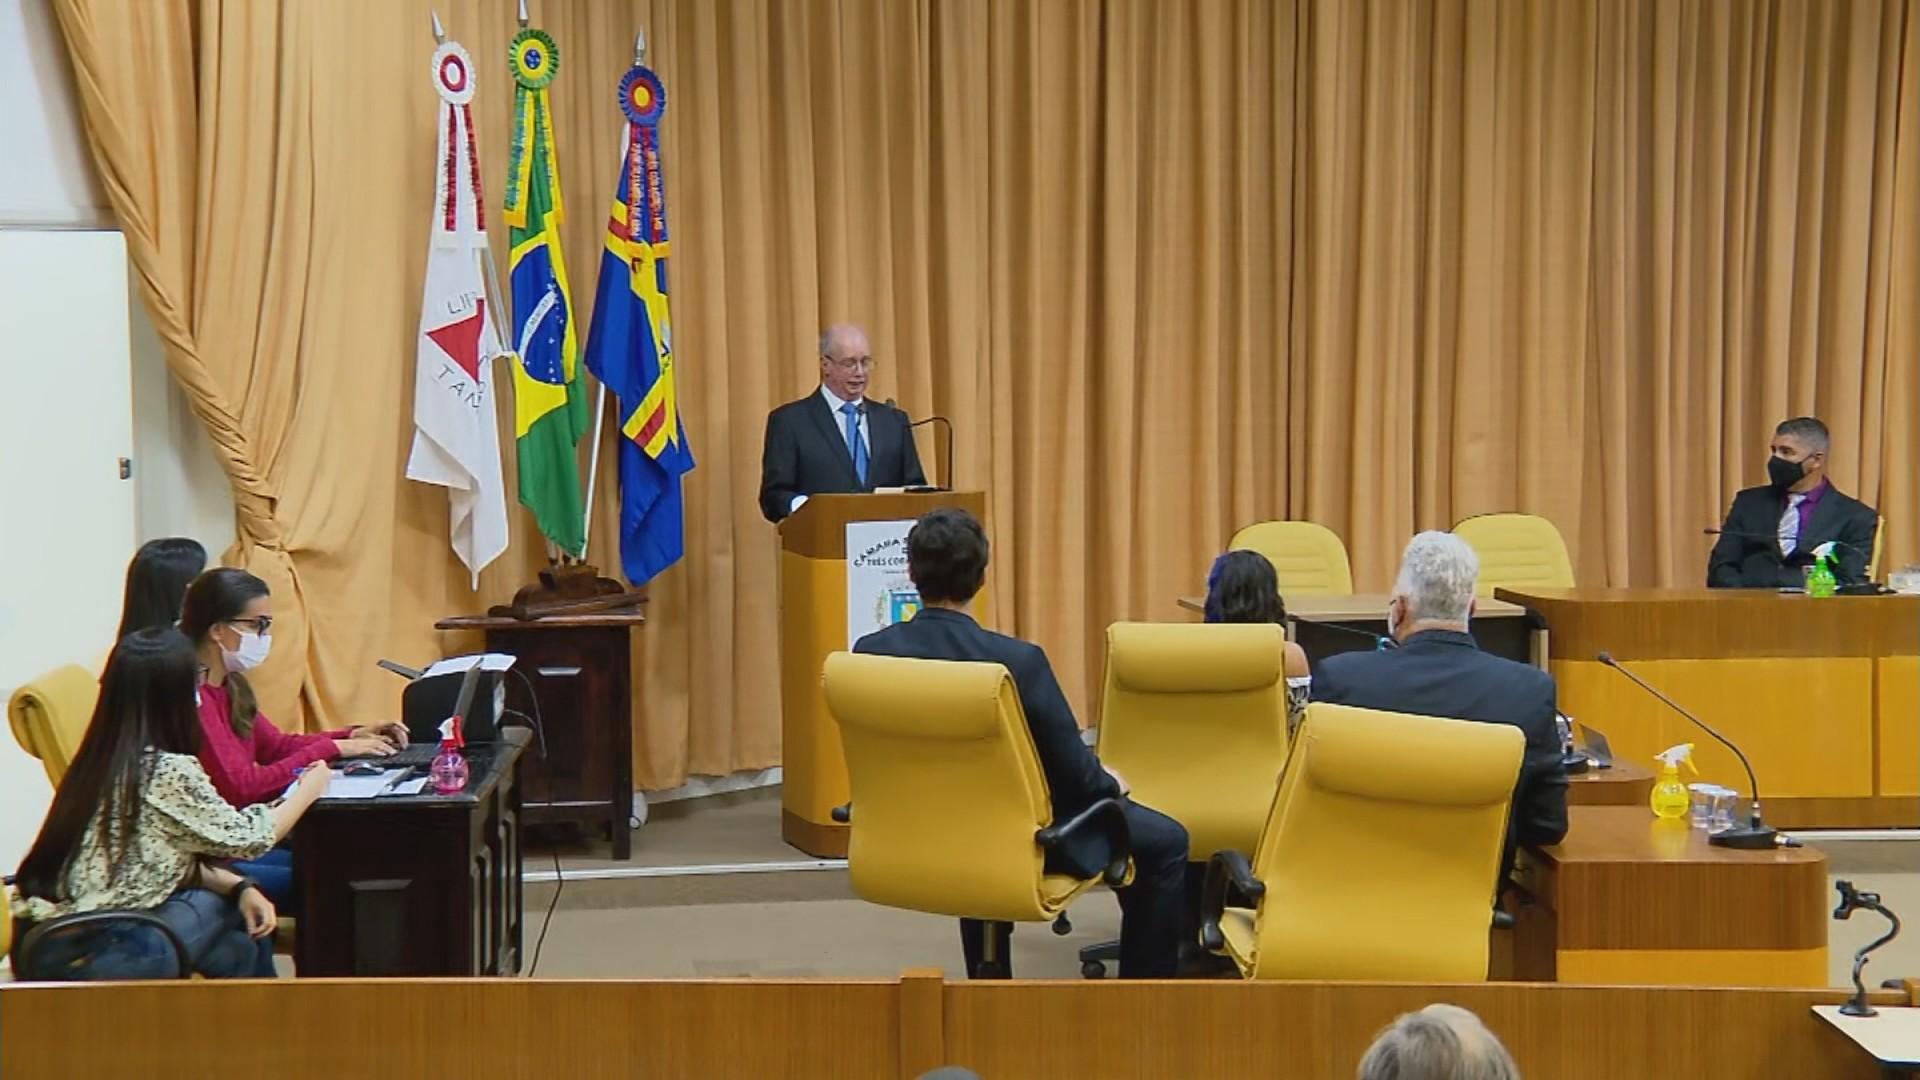 Nadico Vilela toma posse como novo prefeito de Três Corações após cassação de Gordo Dentista